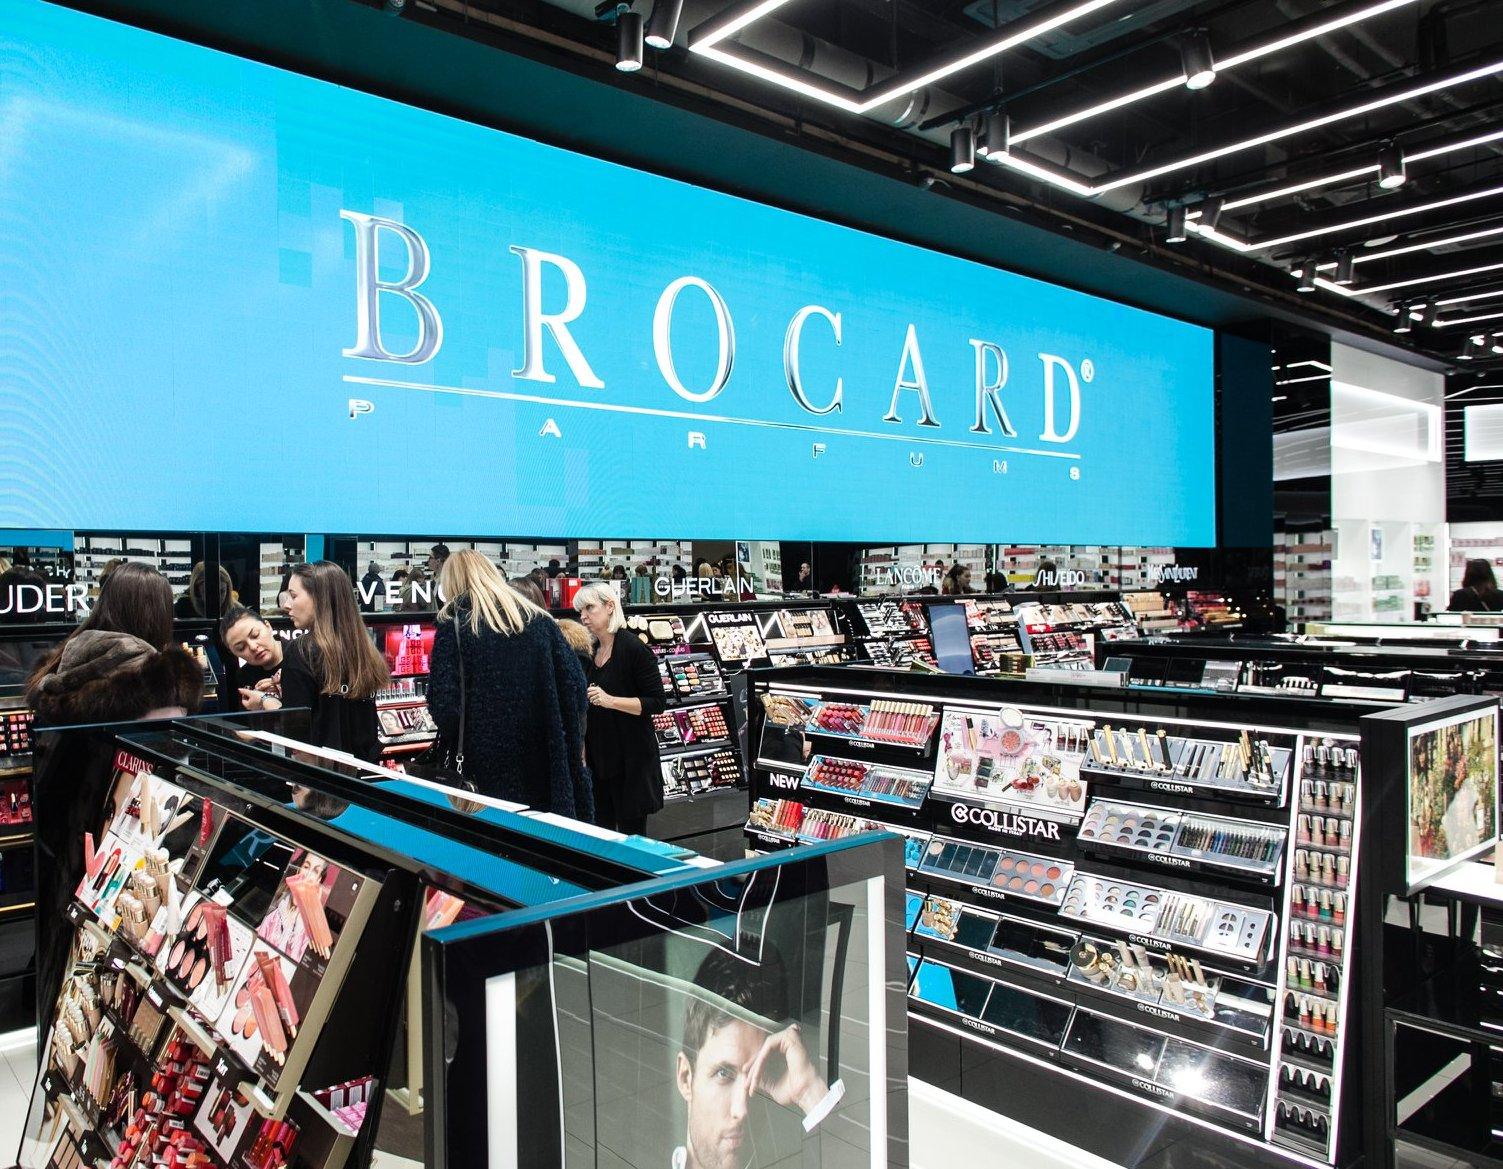 Как в Украине торгуют поддельной парфюмерией под видом Brocard